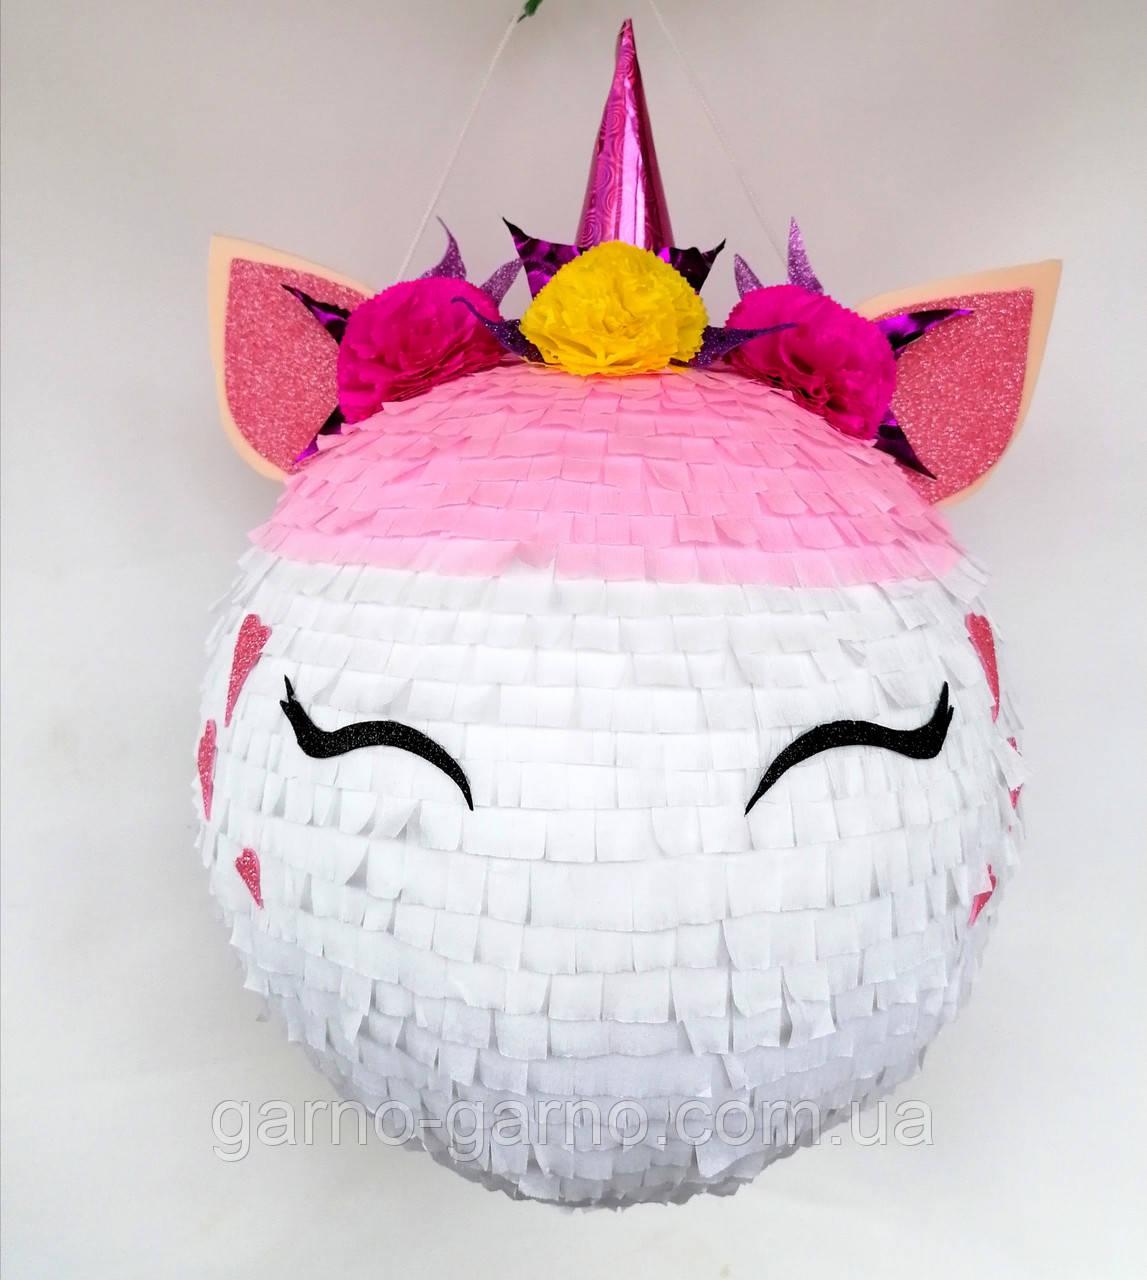 Пиньята единорог розовый пината бумажная для праздника Единорог Единорожек большой обхват 120 - 130 см